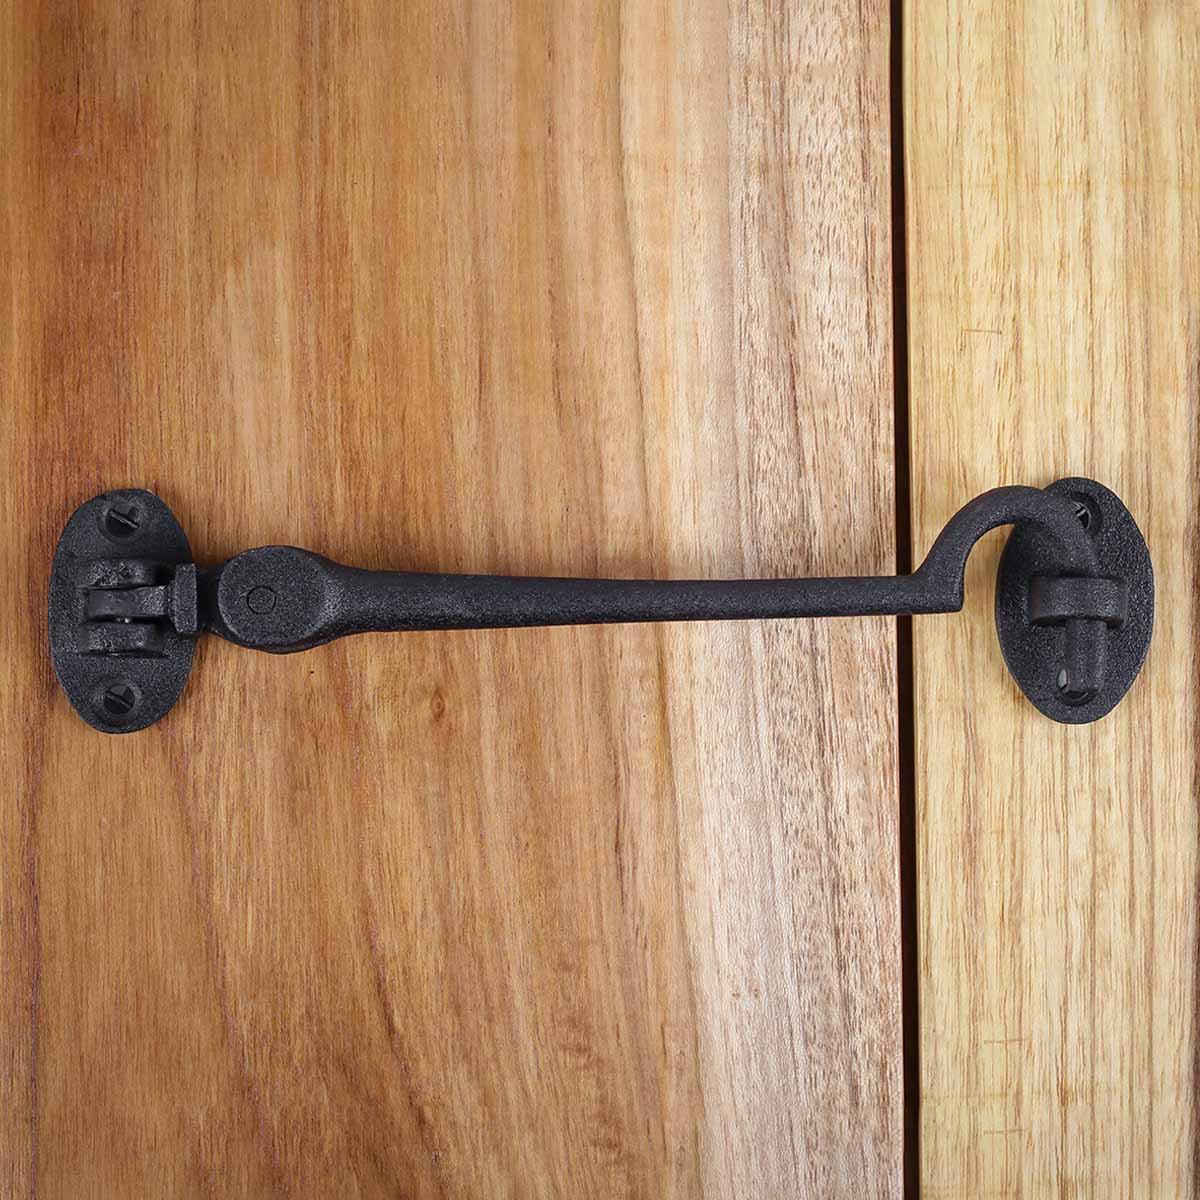 Black Wrought Iron Eye Hook 6 in Rustproof Cabins Gates Doors Lockers Pack of 2 Hooks Decorative Hook Coat Hook